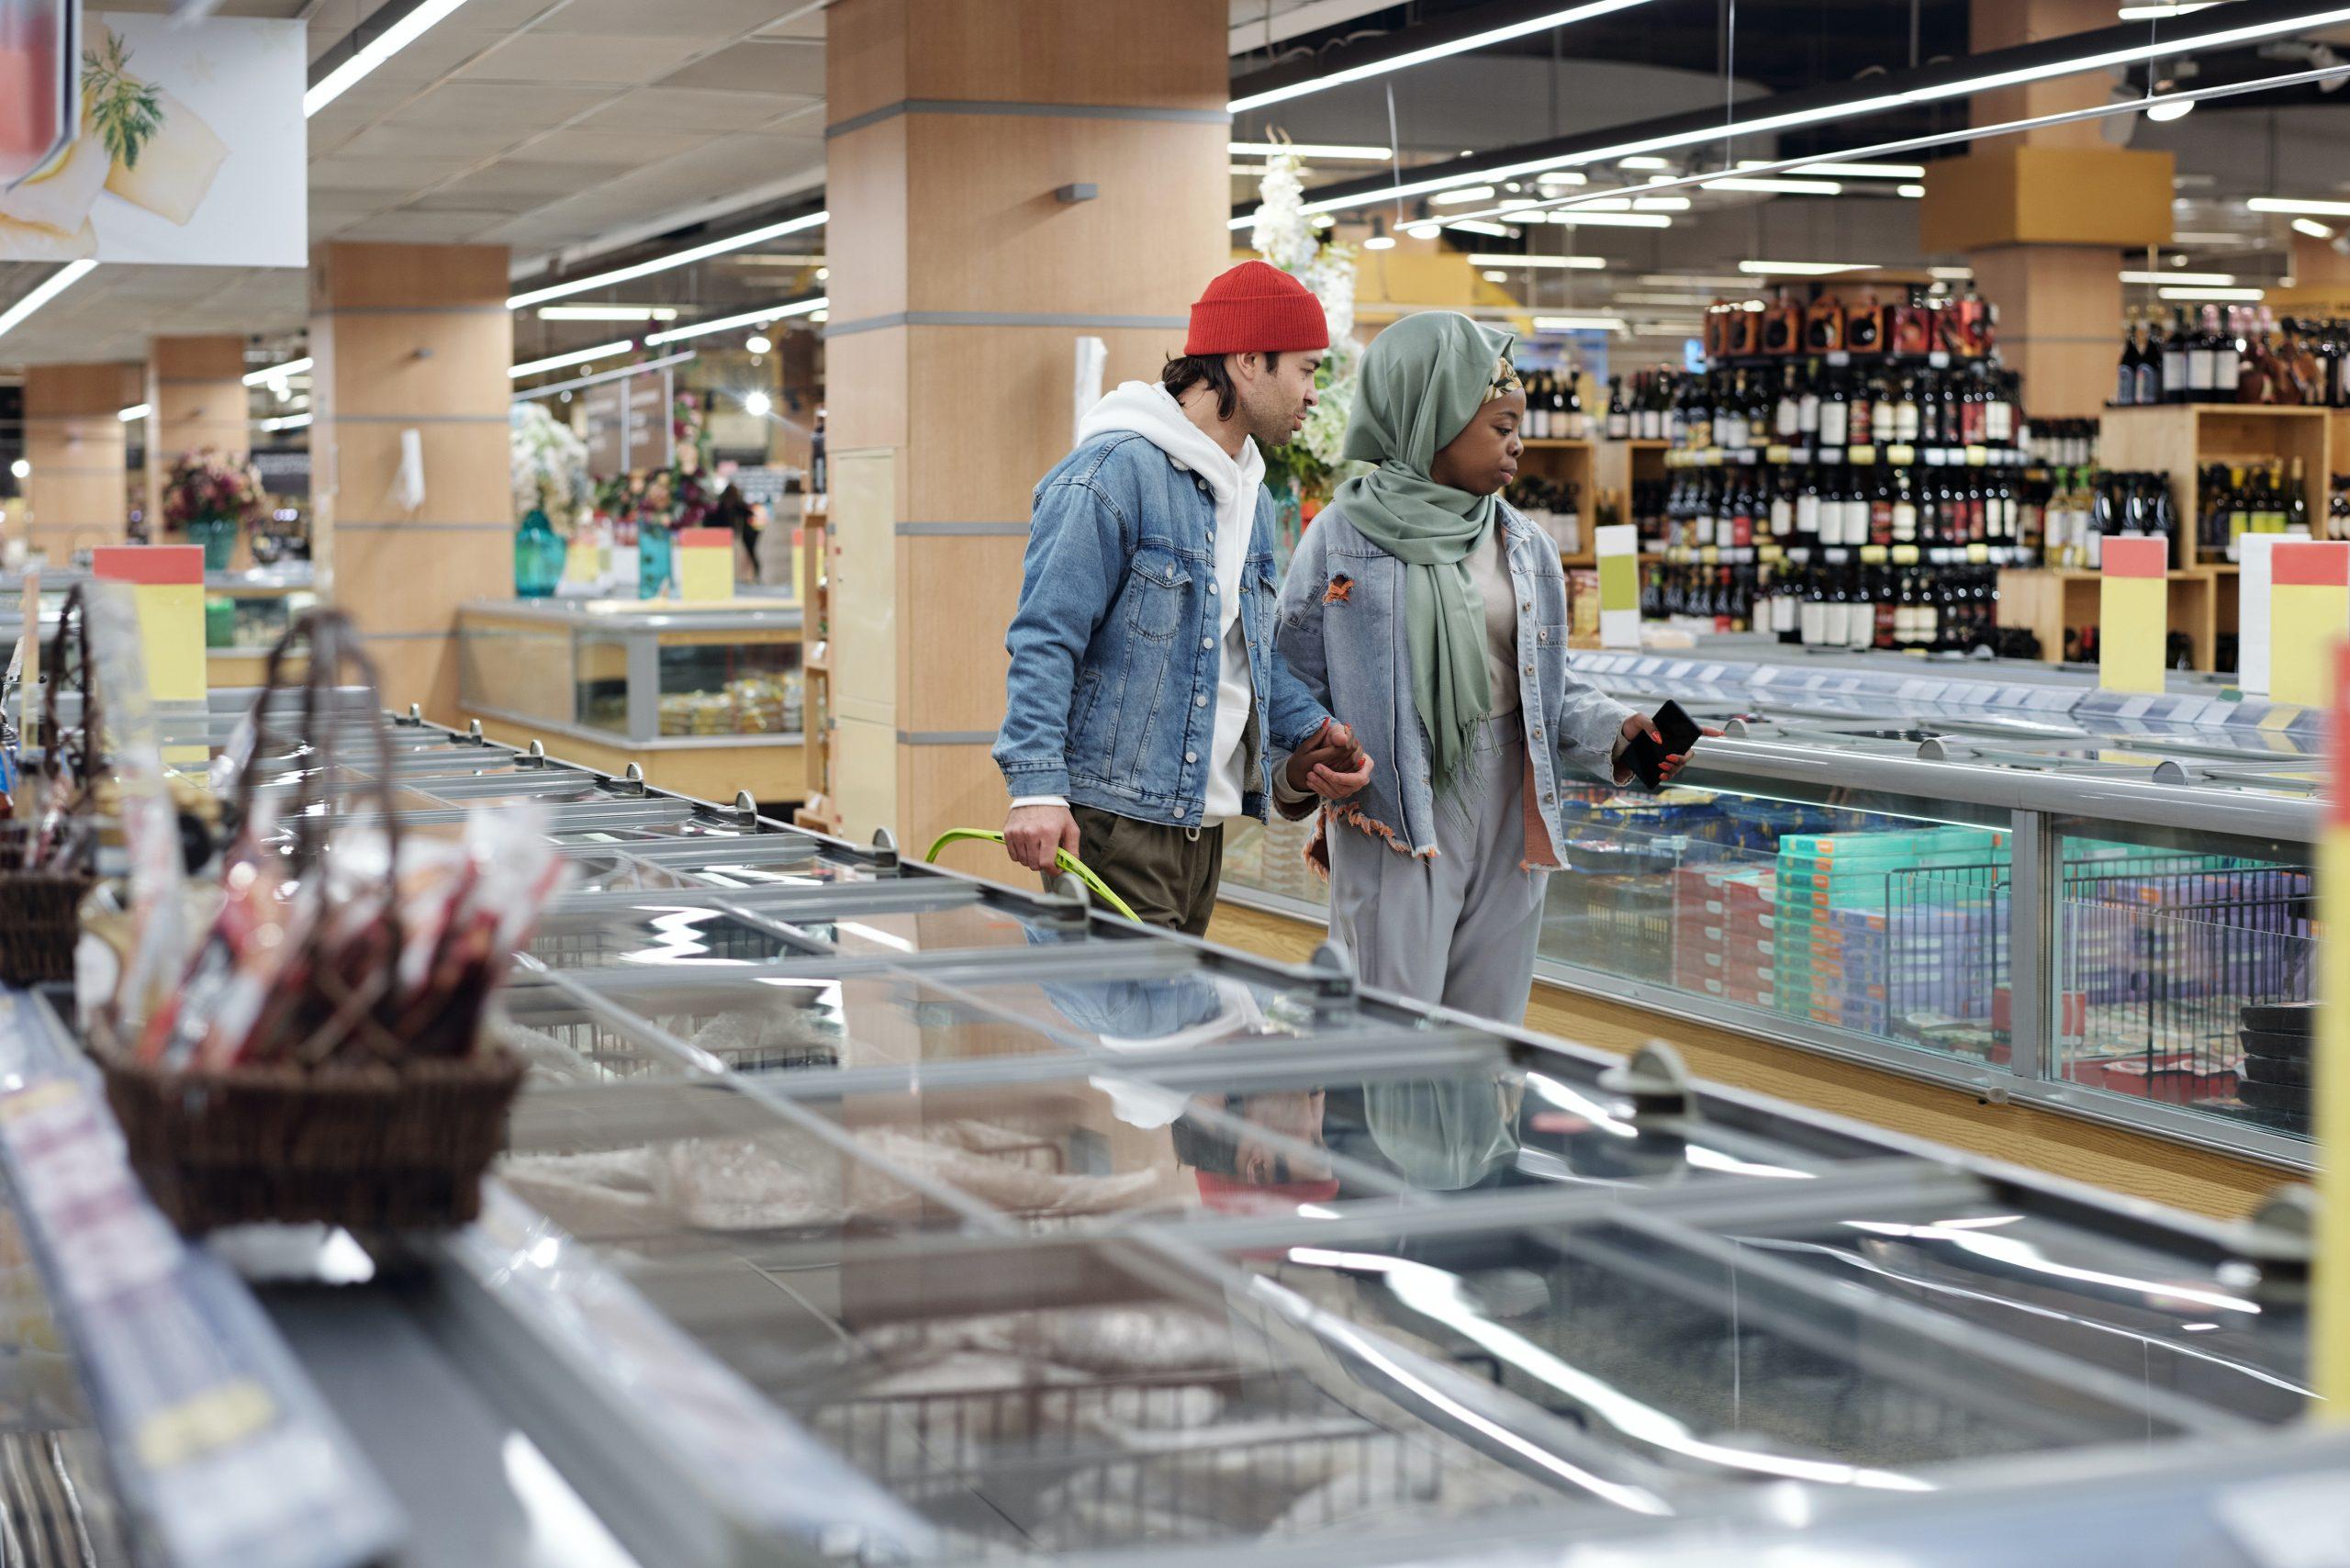 Na foto um casal andando no meio de um corredor de congelados do supermercado.